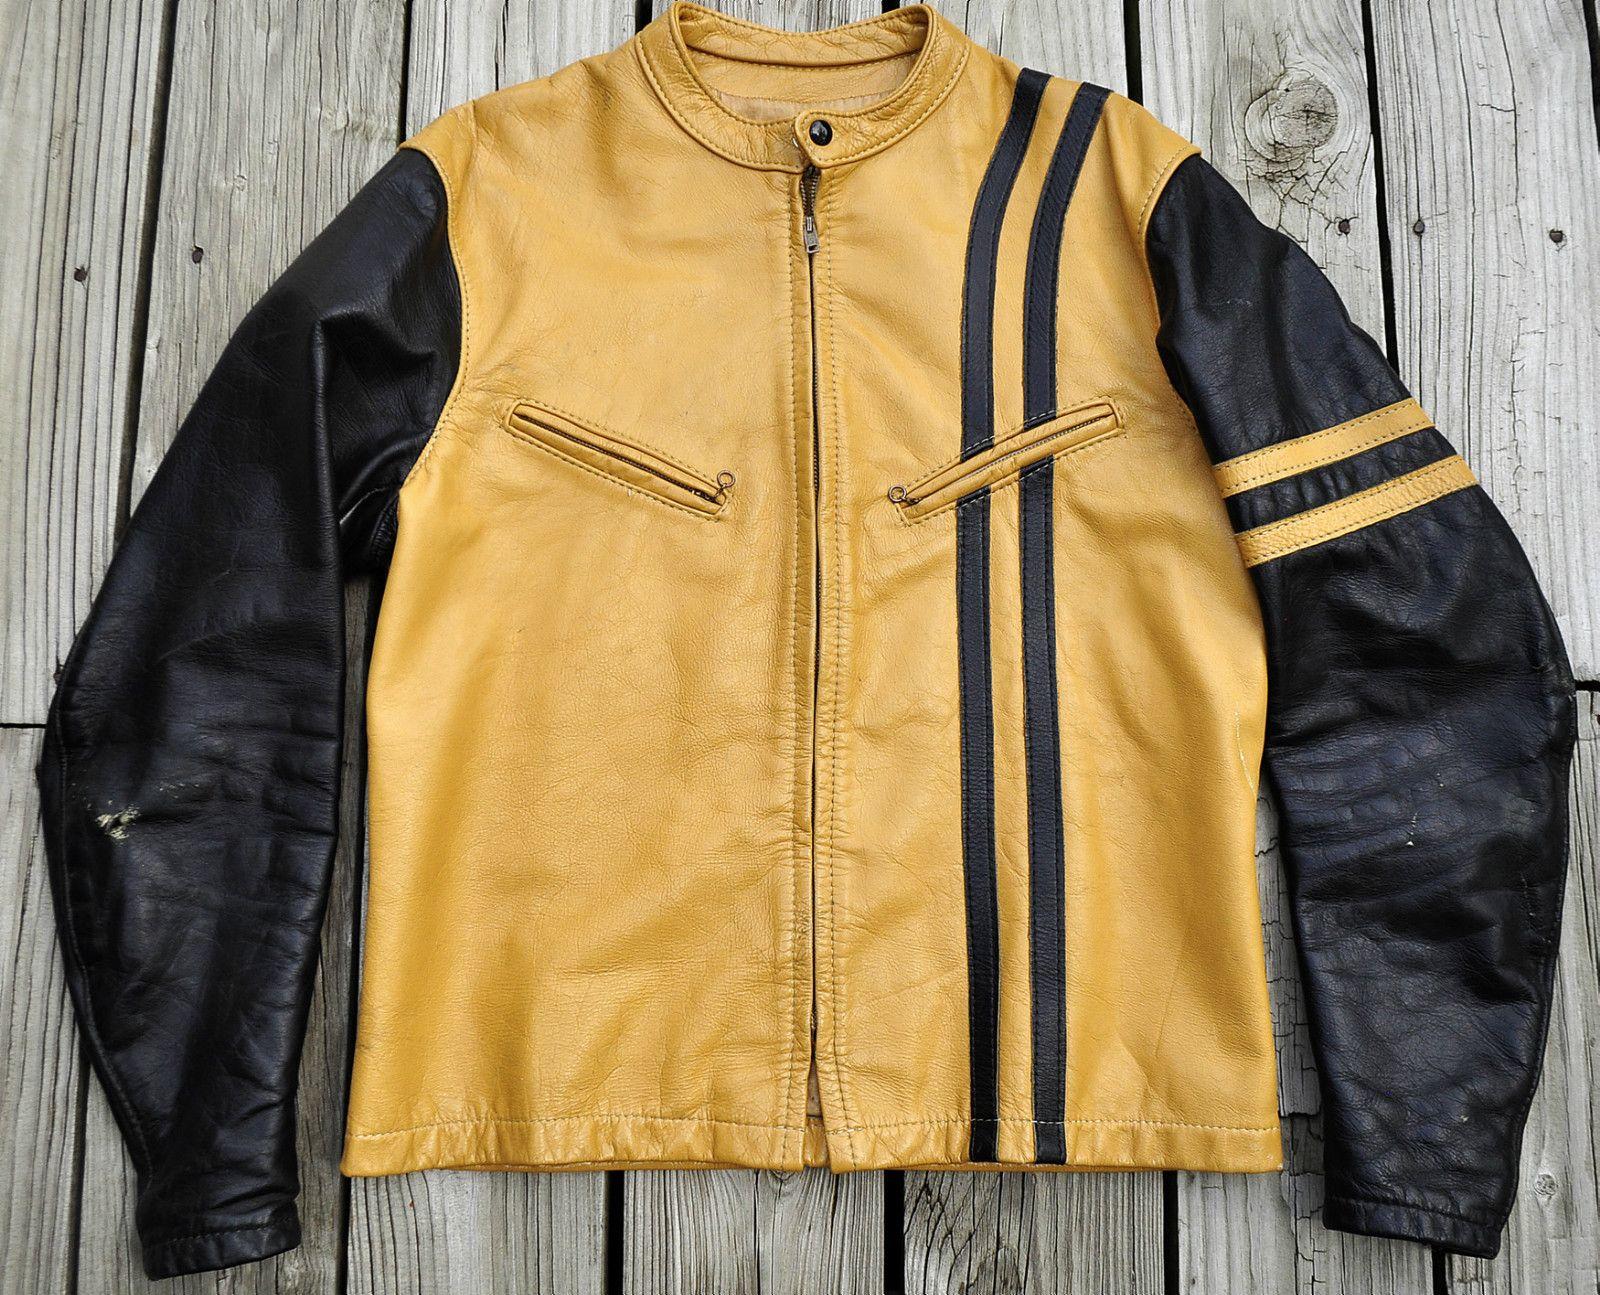 Sold On Ebay Bates Cafe Racer Jacket The Best Of Vintage Cafe Racer Jacket Cafe Racer Jackets